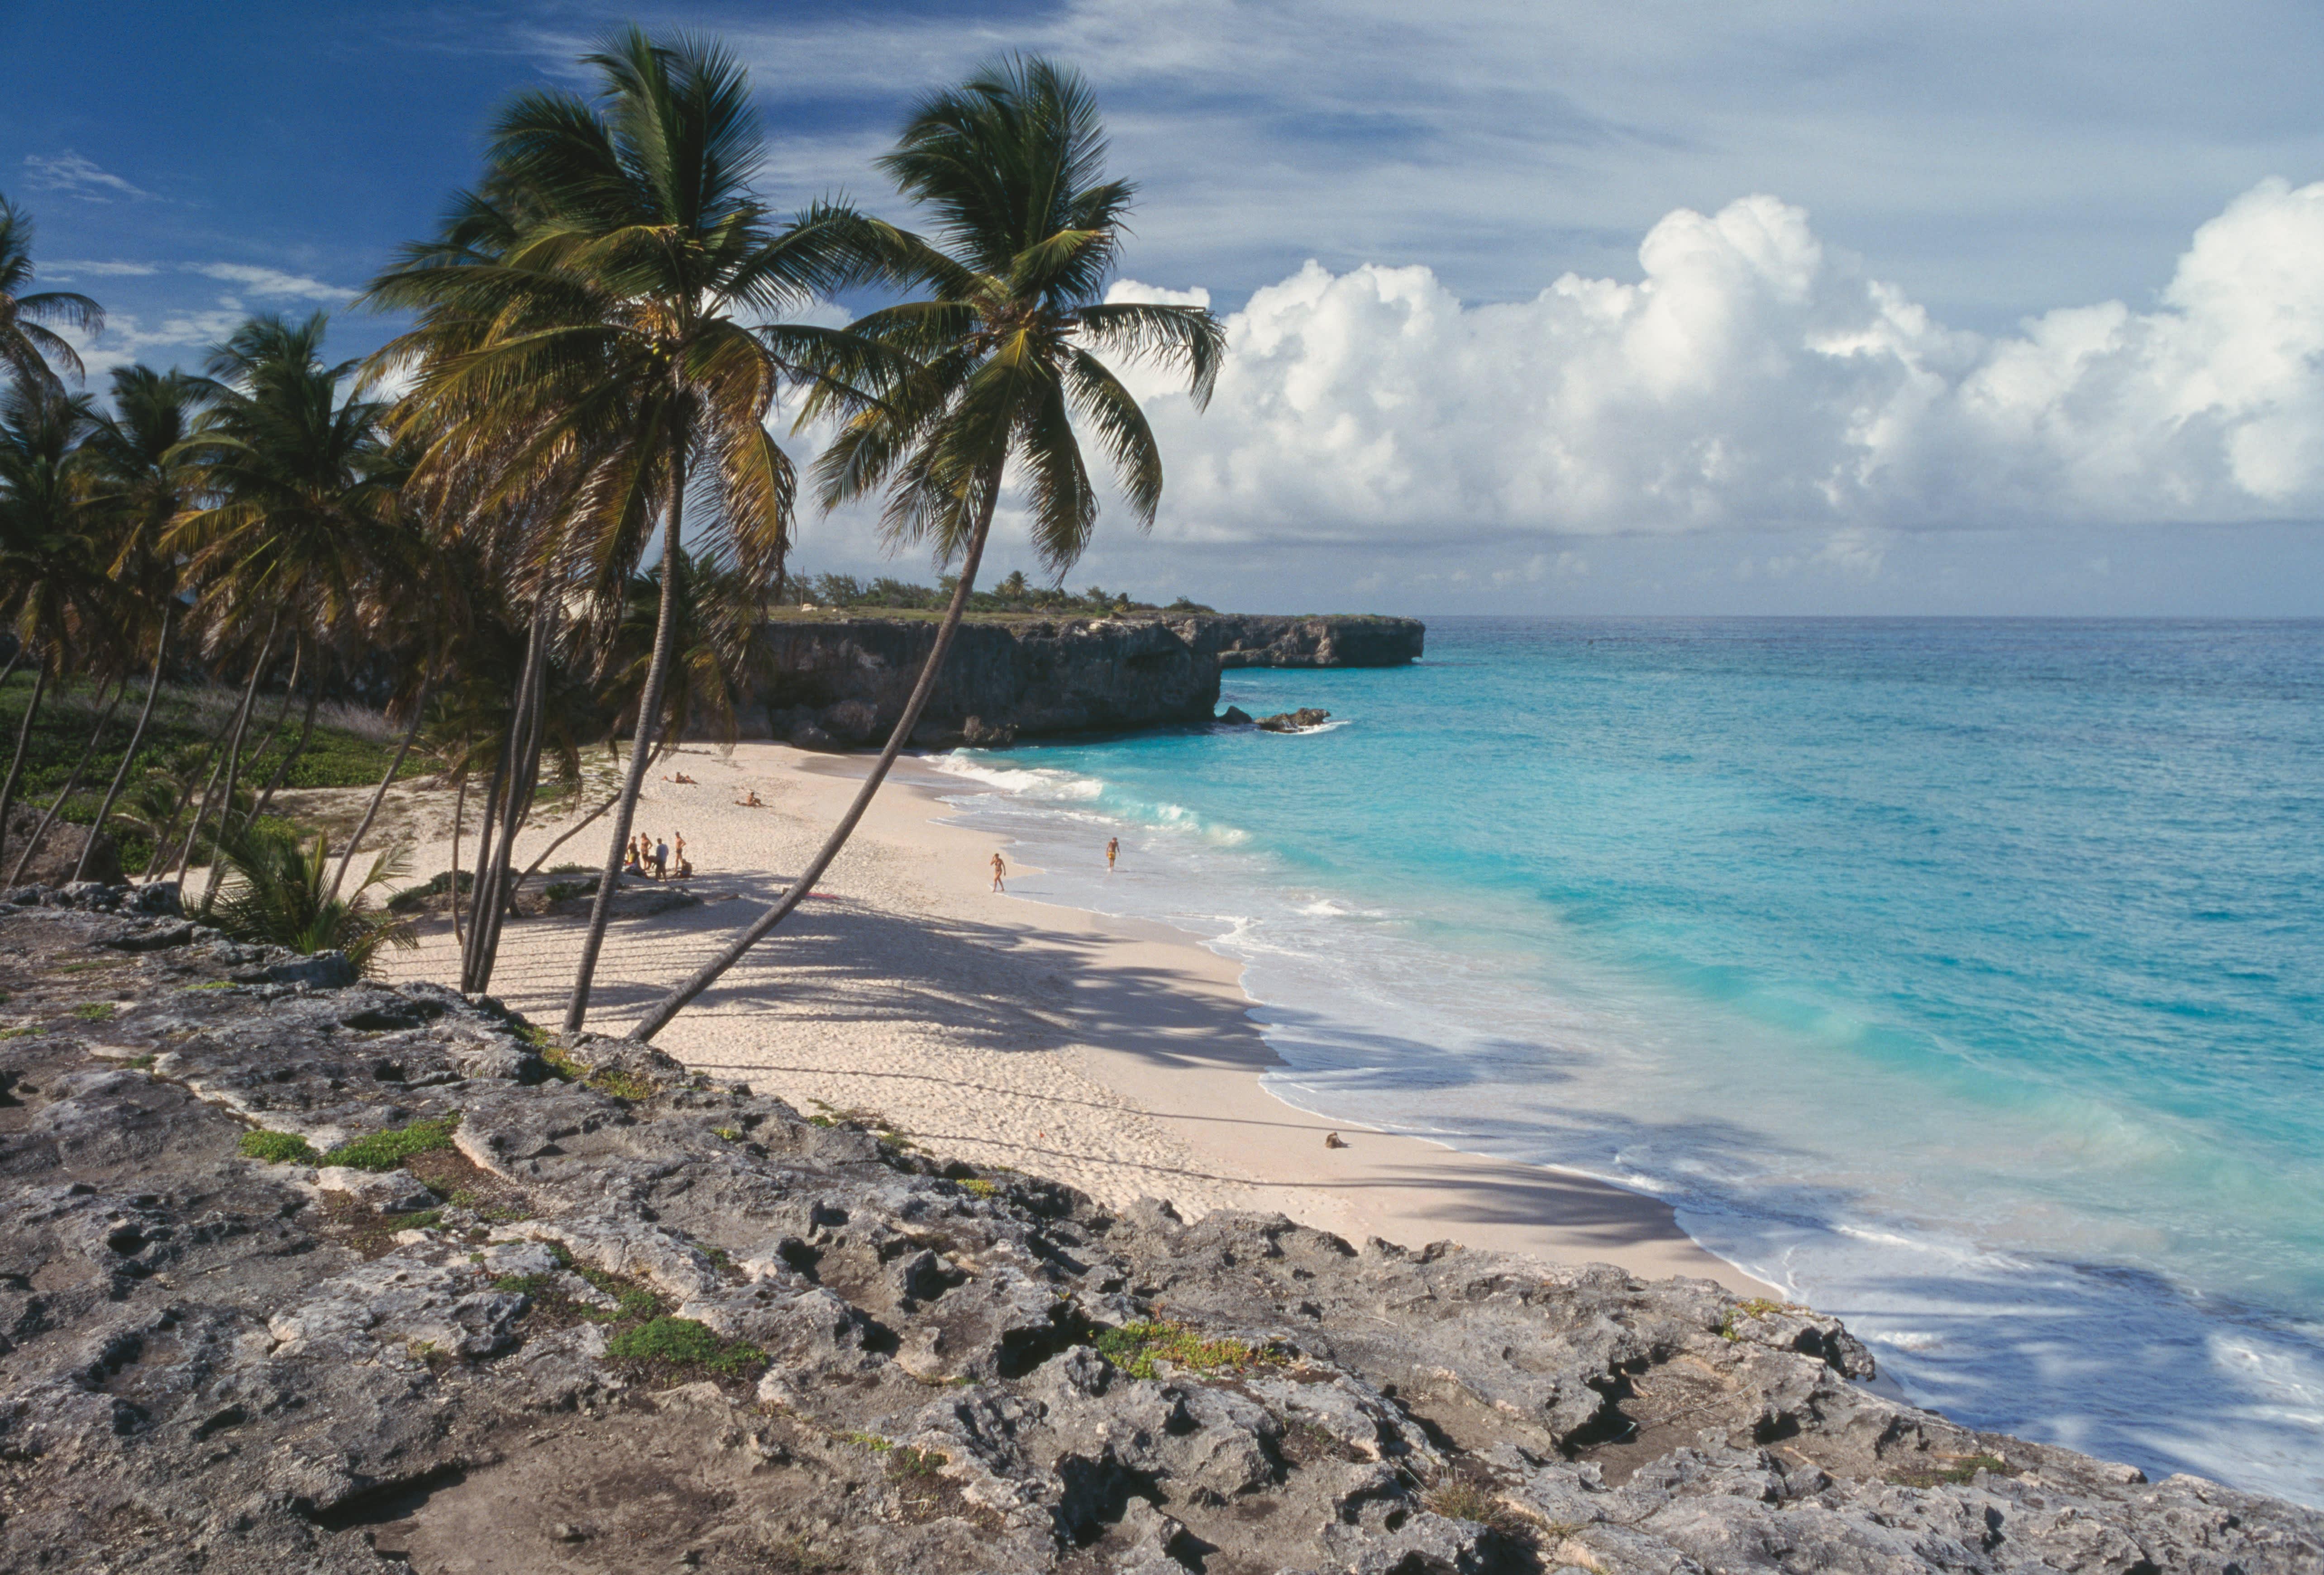 Le Barbados stanno pianificando di far rimanere e lavorare in remoto per un anno